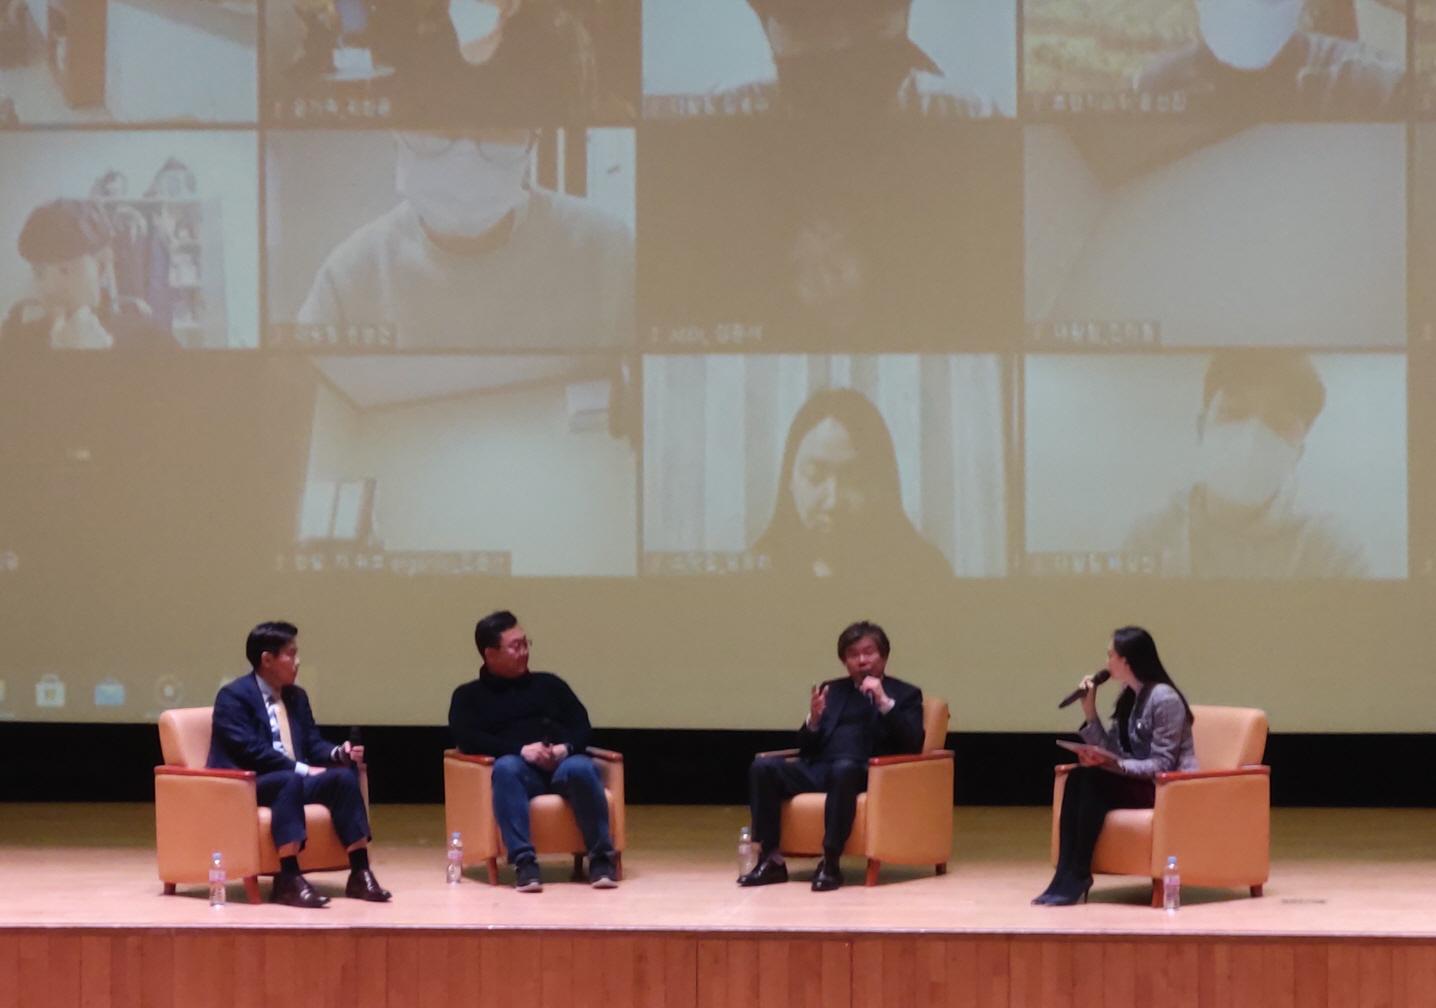 지난 2월 16일, 한밭대학교가 운영한 '한.집.안 START-UP STAR 프로젝트'에서 참여기업인 비전세미콘㈜의 윤통섭 대표와 CEO 토크콘서트를 진행하고 있다.